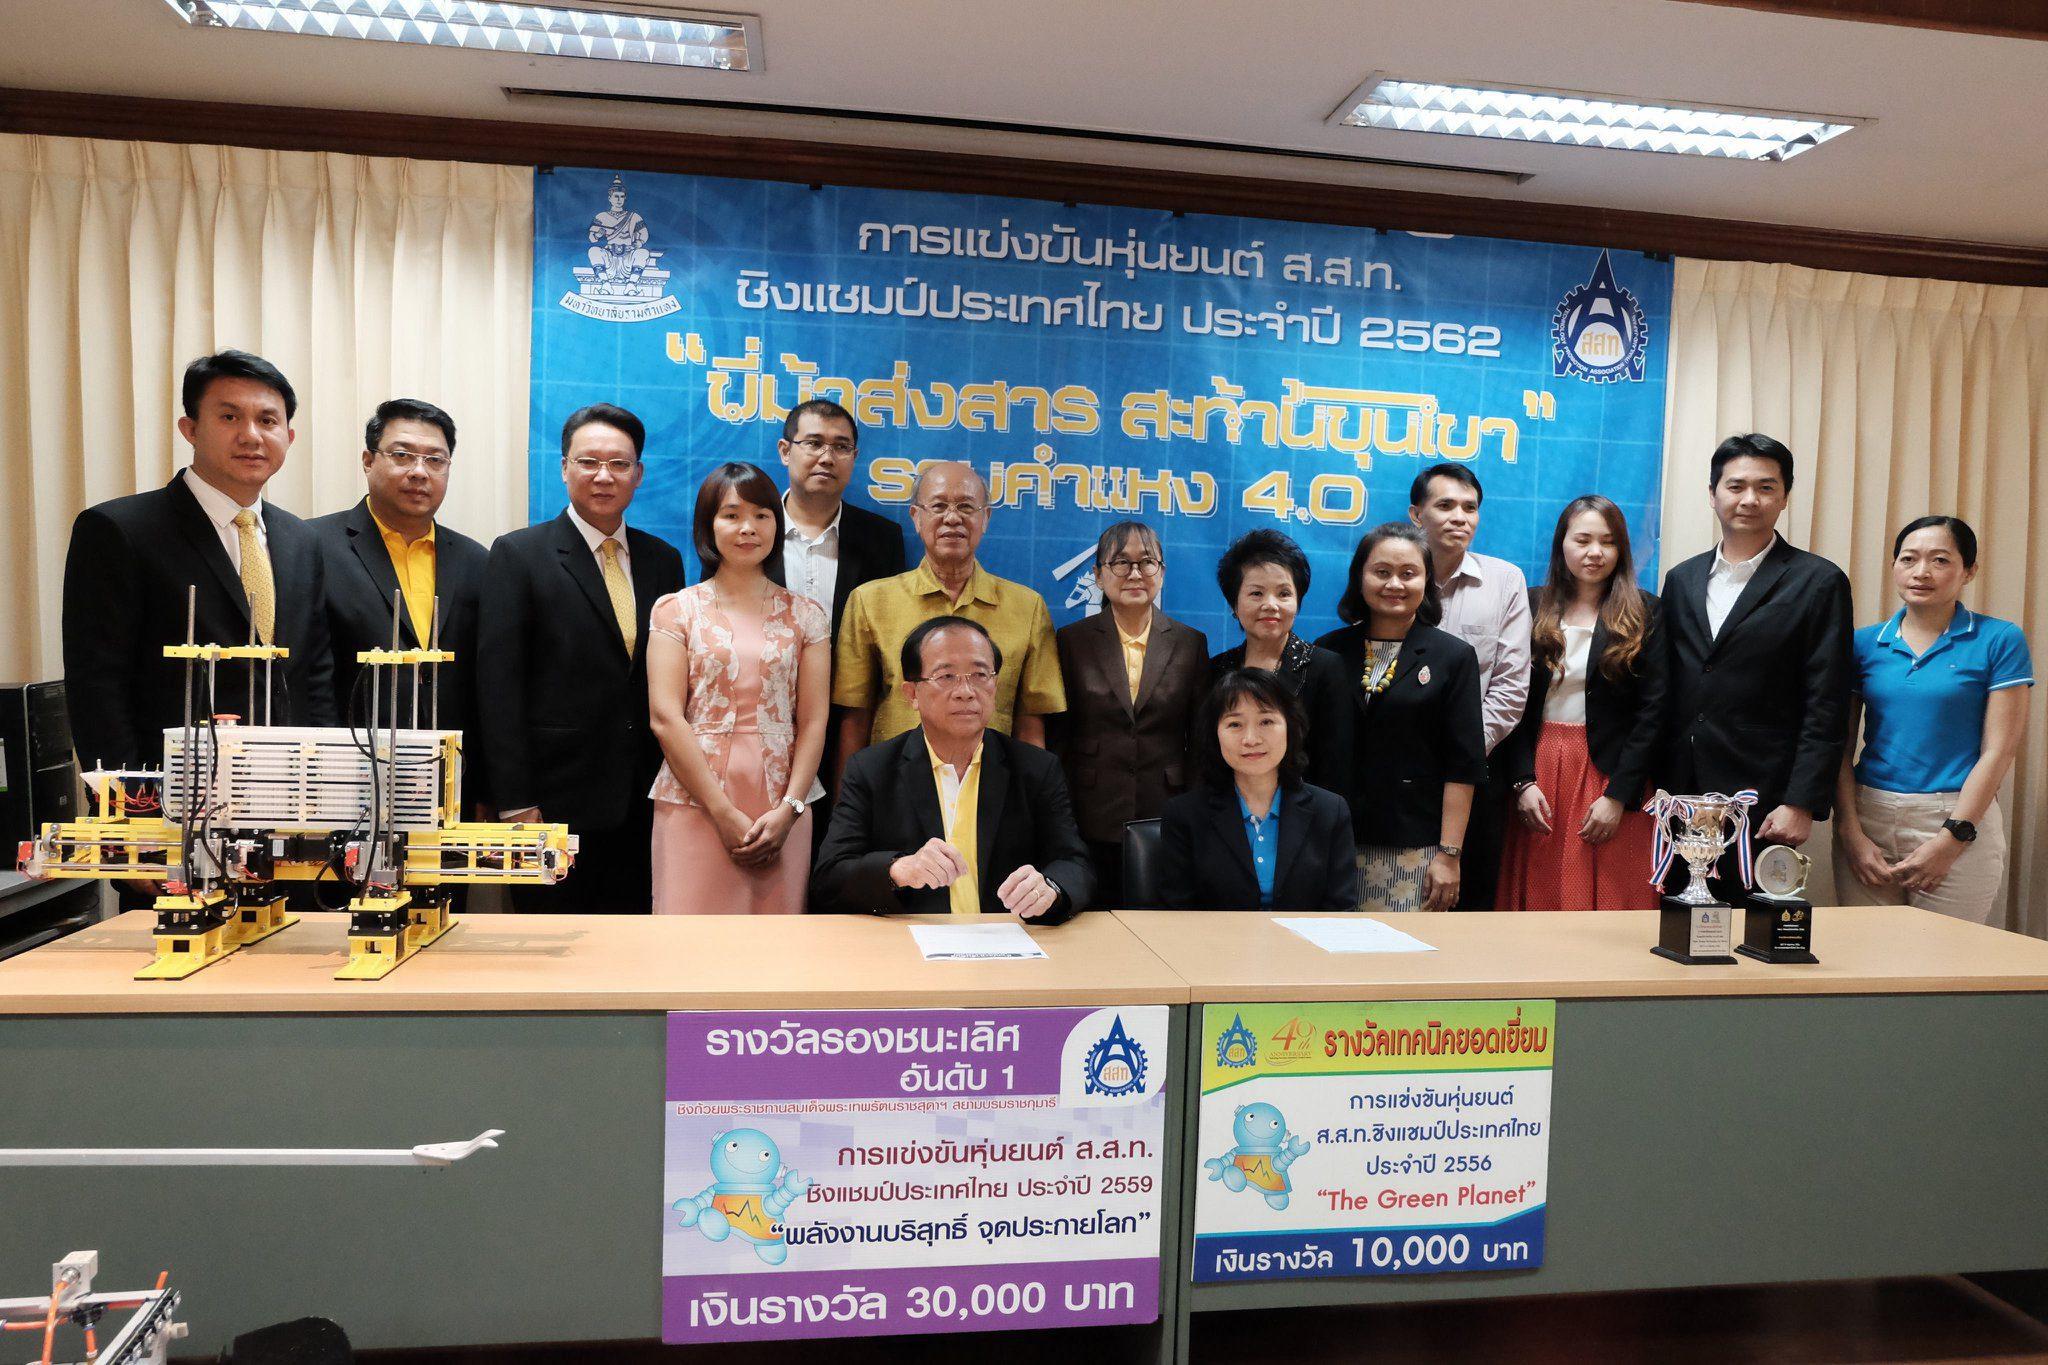 ม.รามฯ จับมือ ส.ส.ท. เป็นเจ้าภาพร่วม  จัดแข่งขันหุ่นยนต์ชิงแชมป์ประเทศไทย